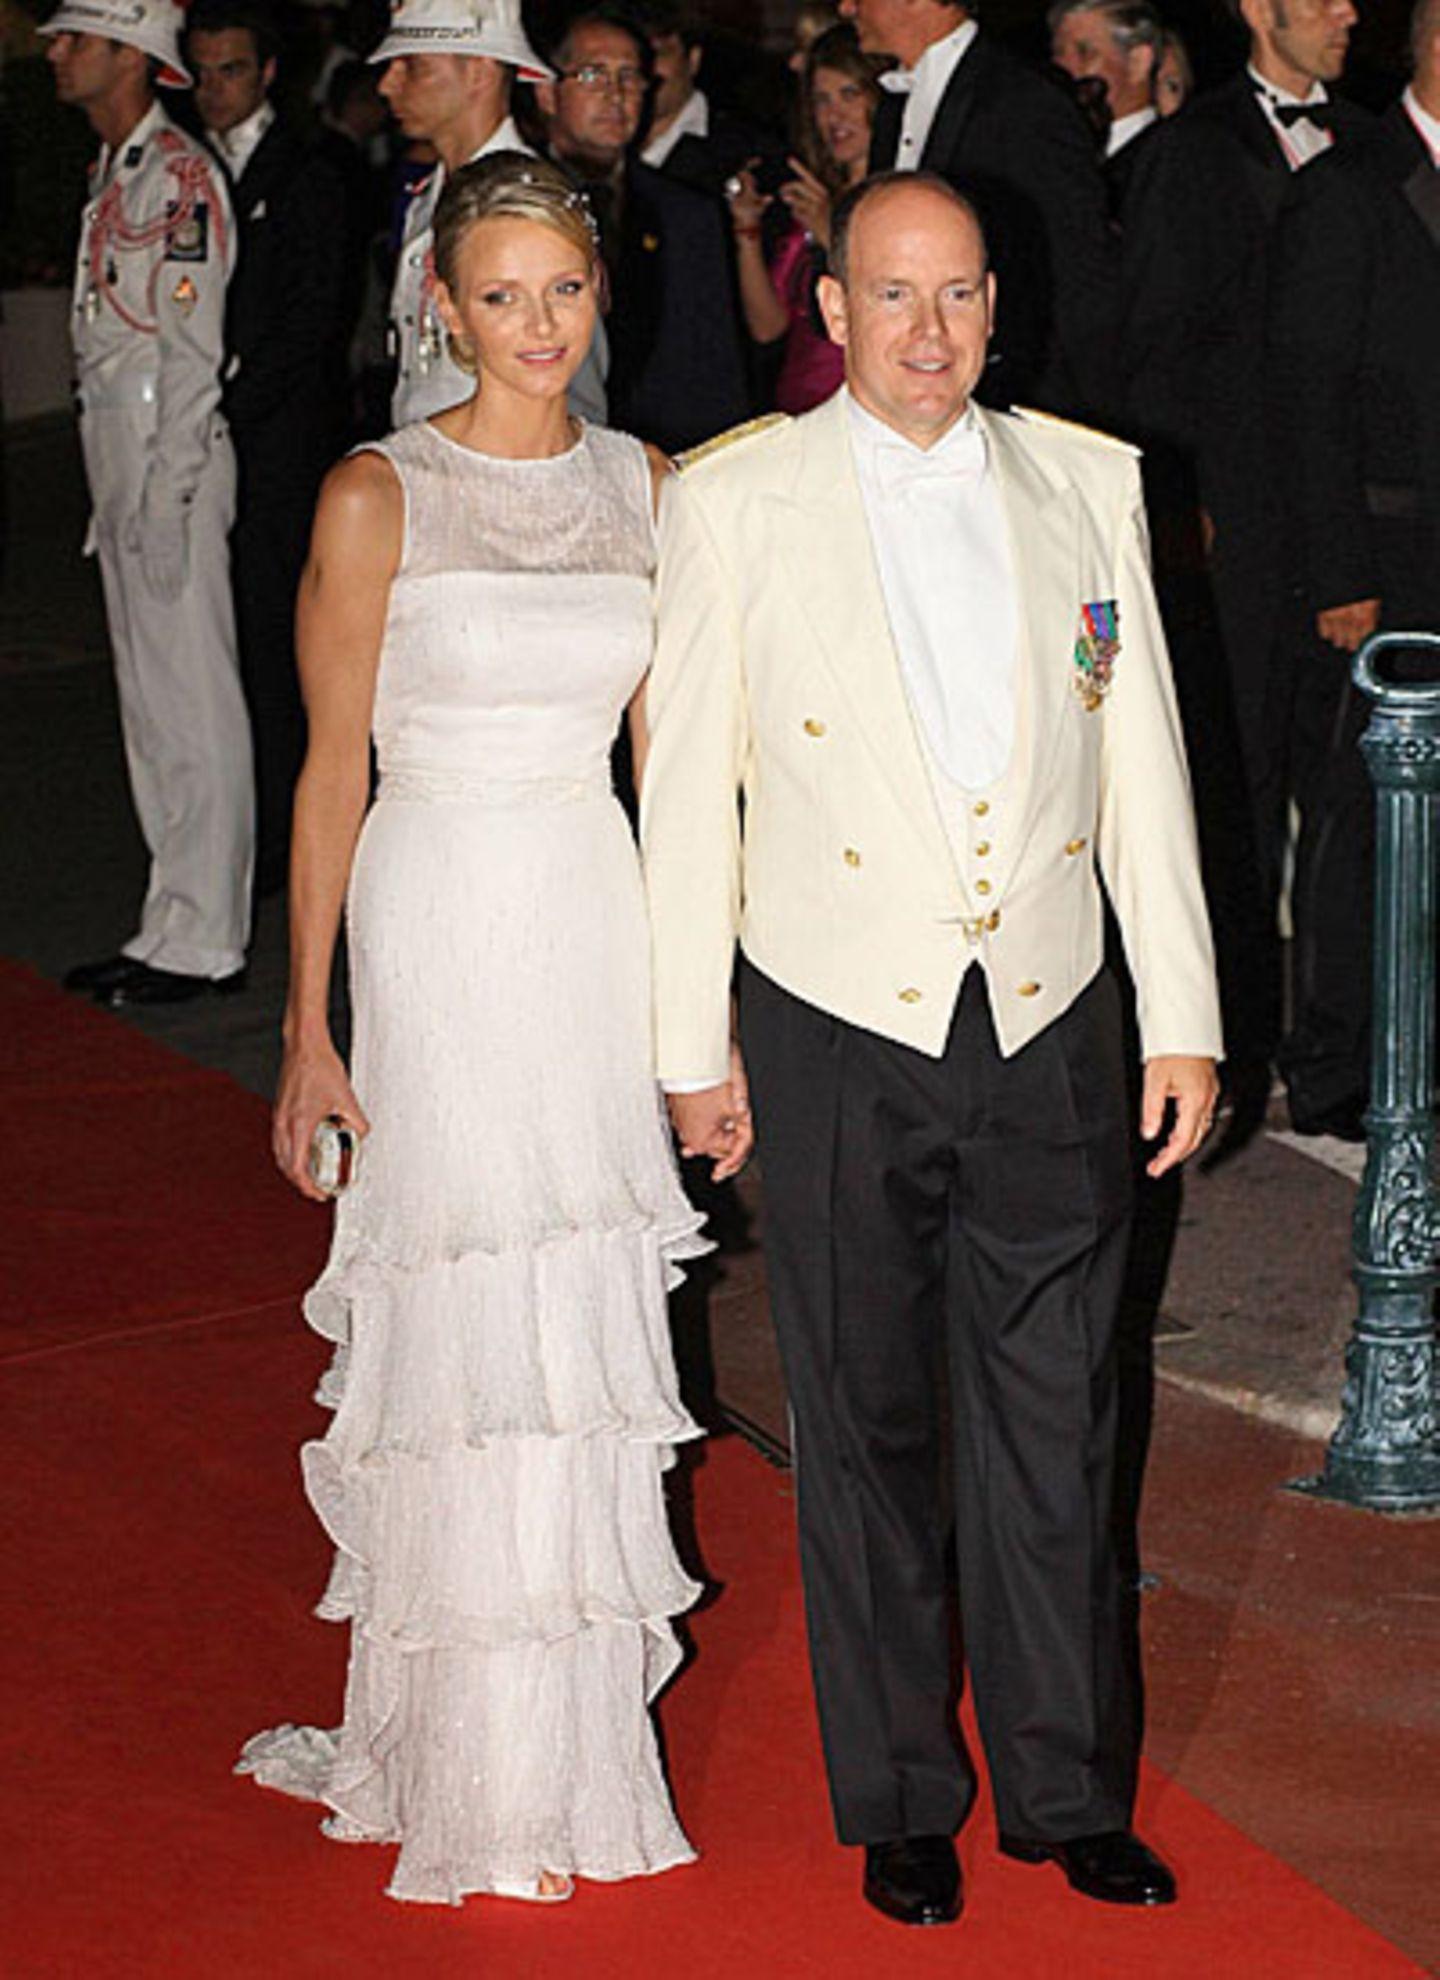 """Die Abendfeierlichkeiten haben begonnen, das Fürstenpaar hat sich umgezogen und wird jetzt mit ihren Gästen im """"Hôtel de Paris"""""""